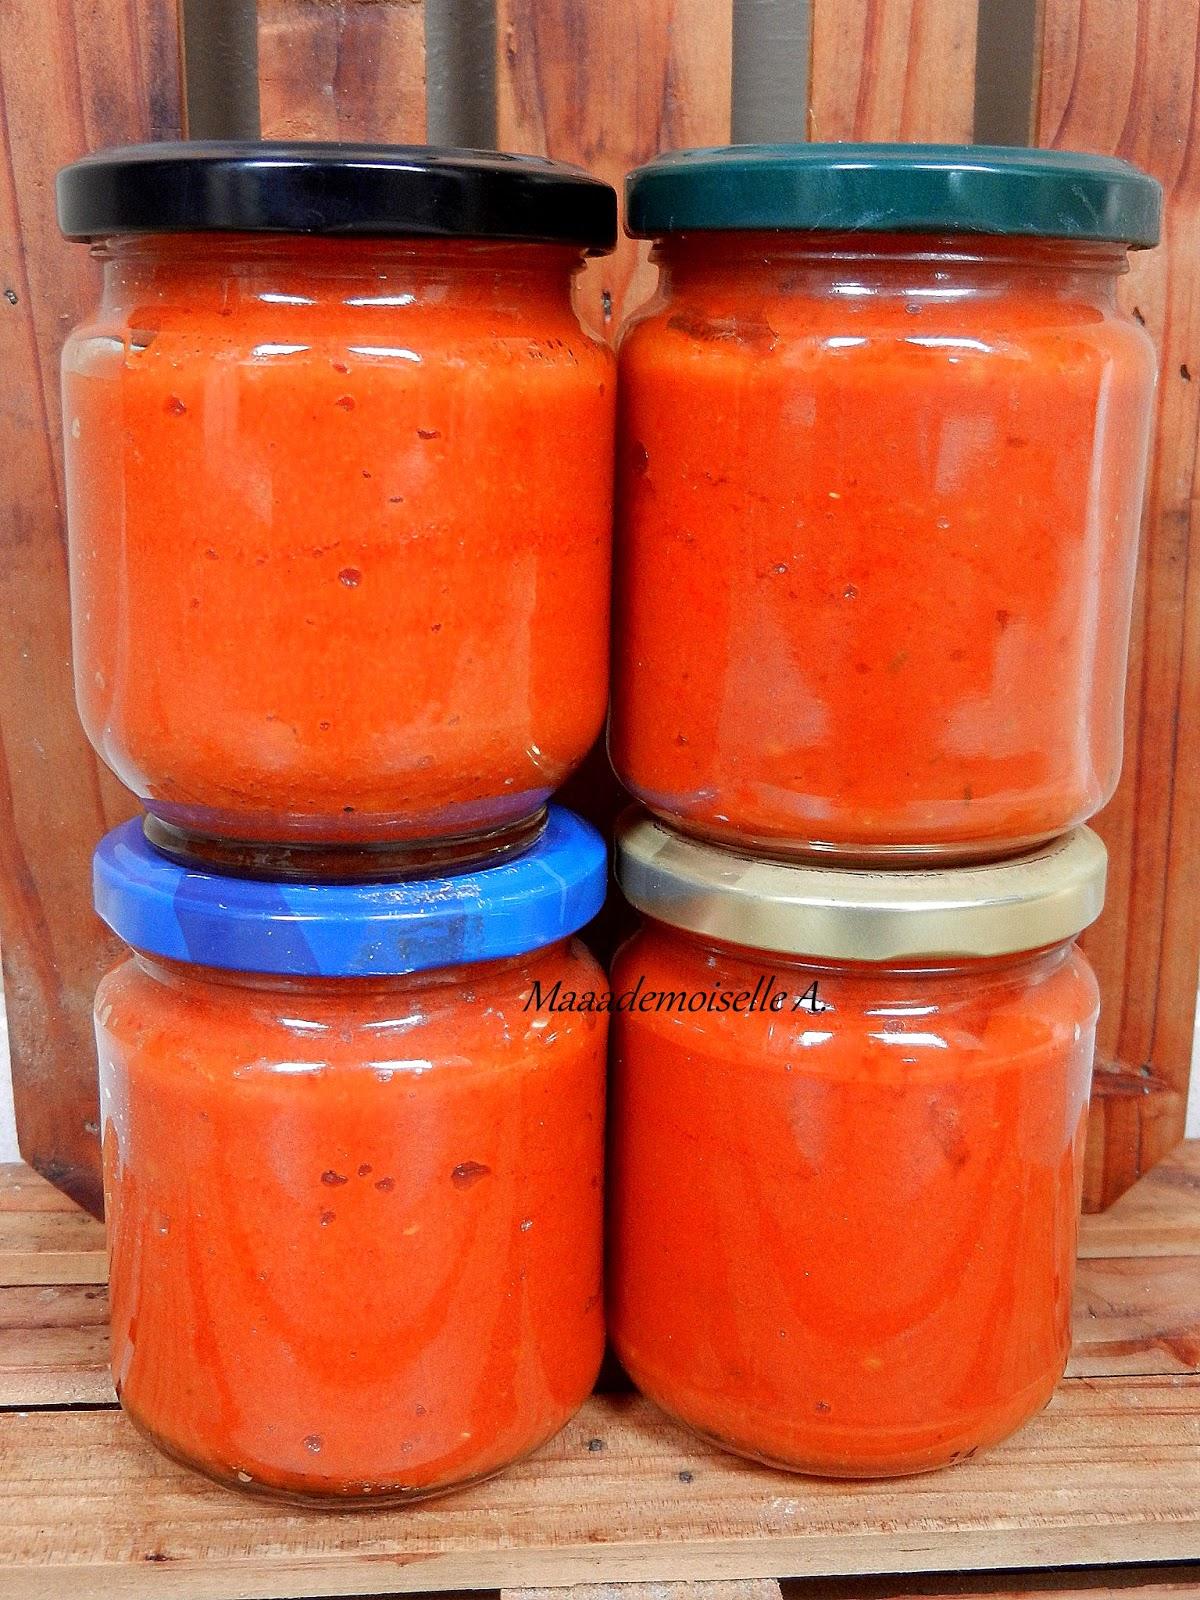 Sauce Tomate Maison Conservation Sans Sterilisation : sauce, tomate, maison, conservation, sterilisation, Maaademoiselle, Sauce, Tomate, Maison, Conservation, Bocaux